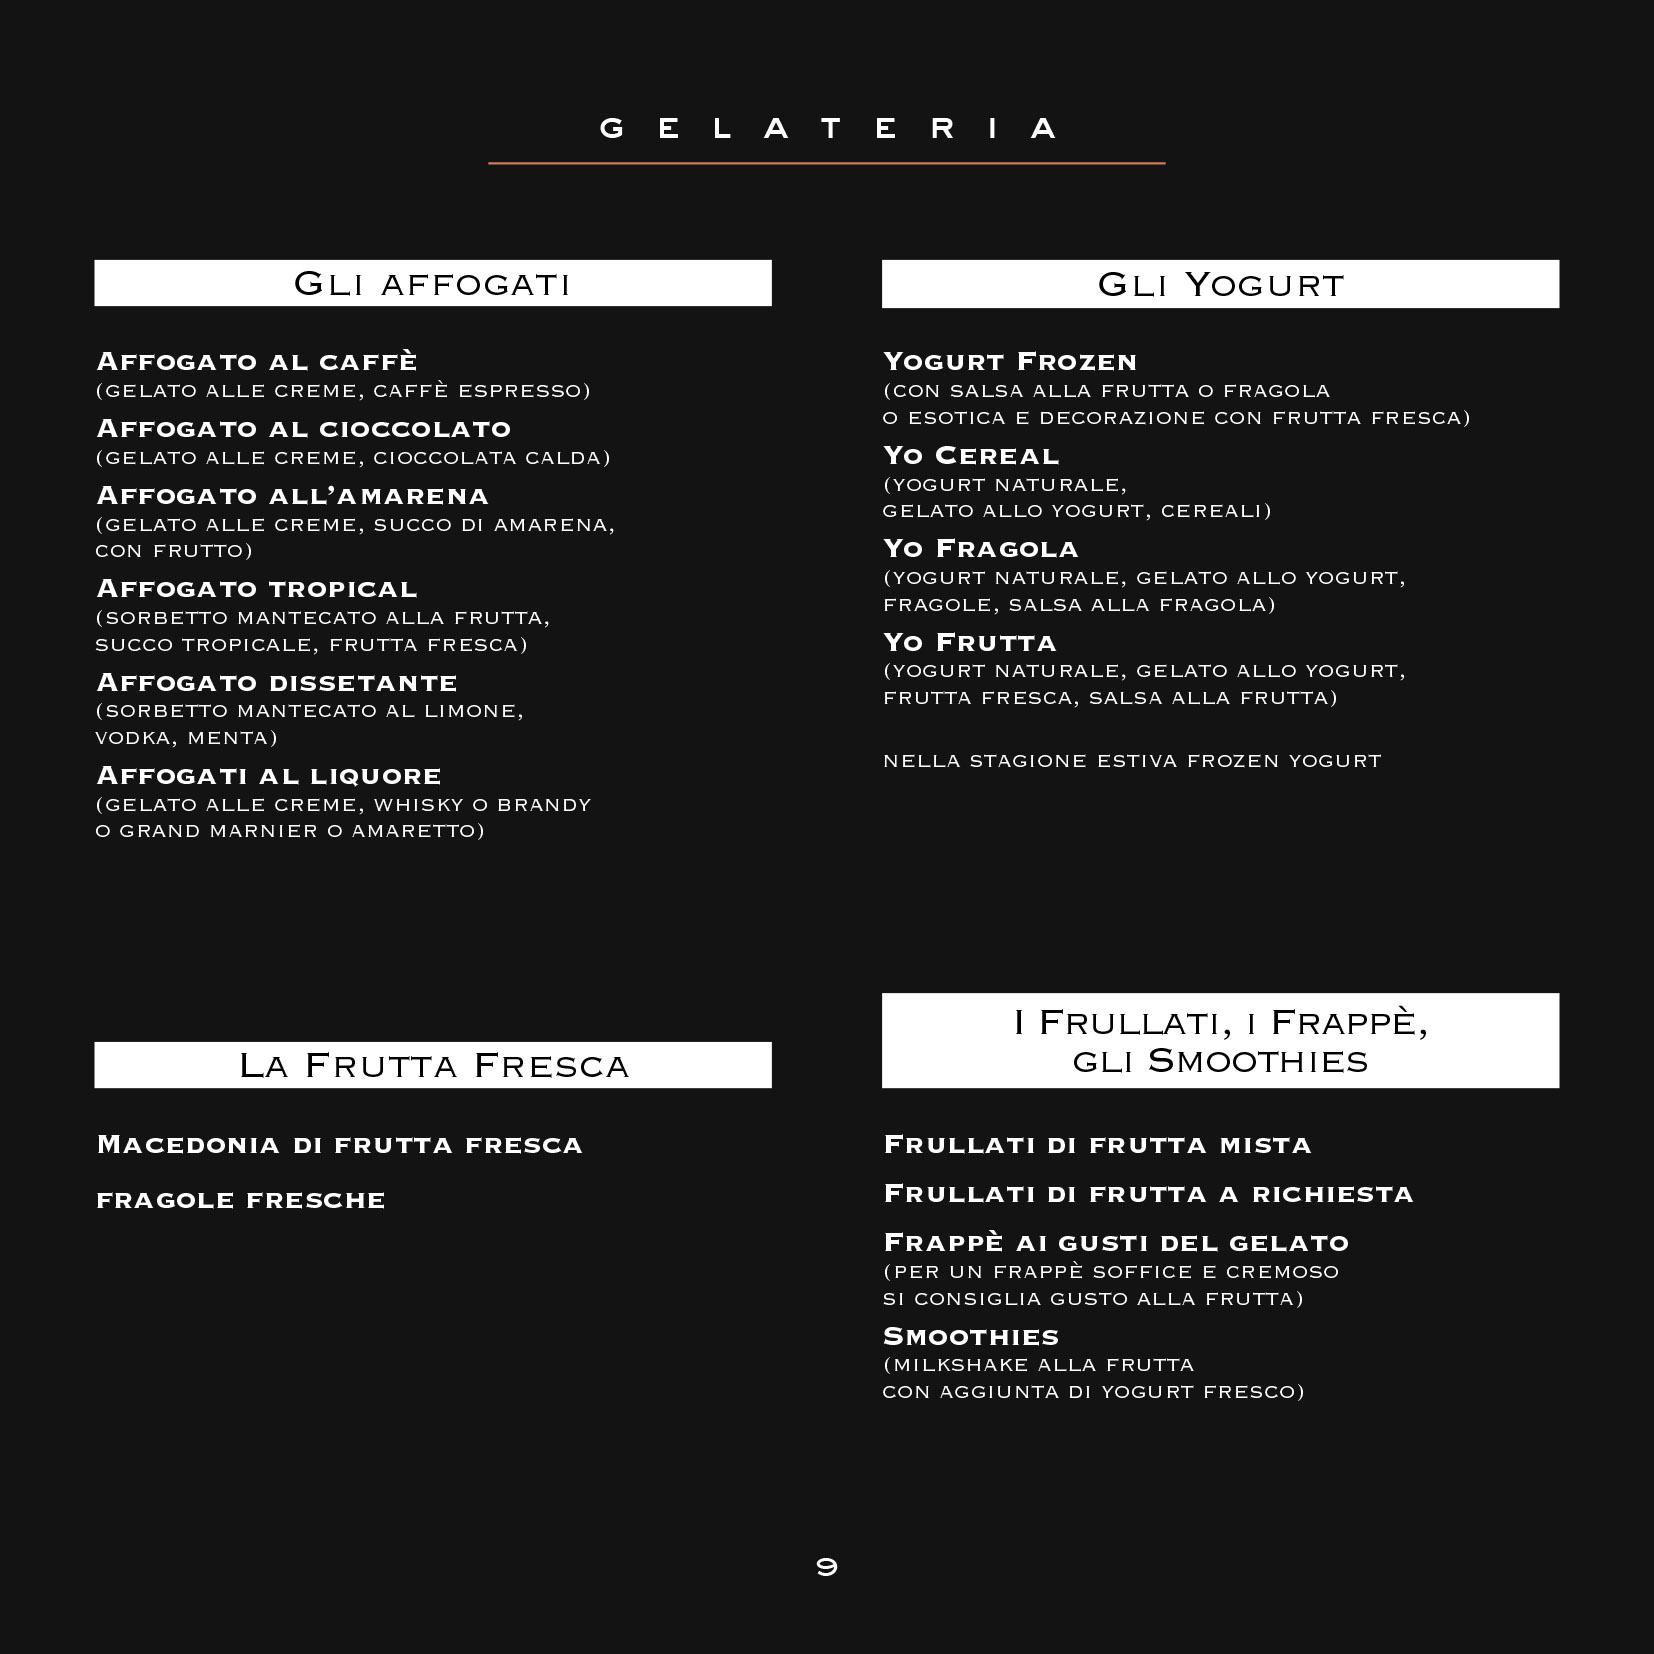 listino-2016-no-prezzi-9-copia